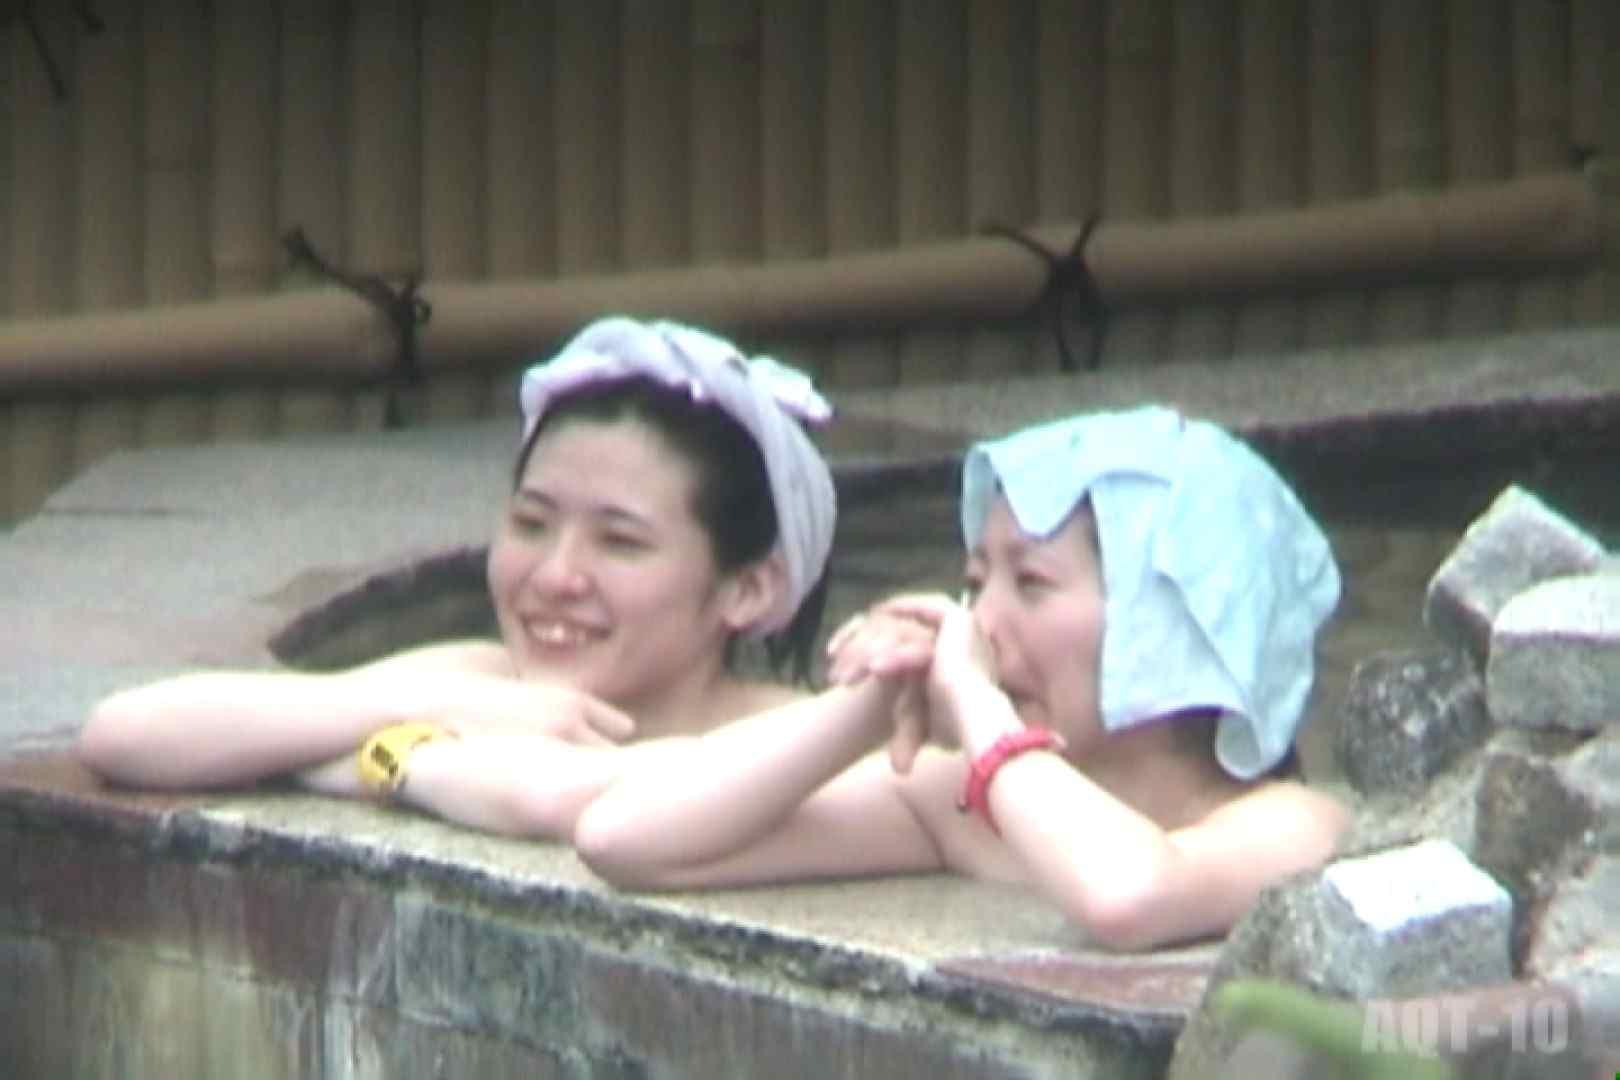 Aquaな露天風呂Vol.793 露天 | 盗撮特集  56画像 32